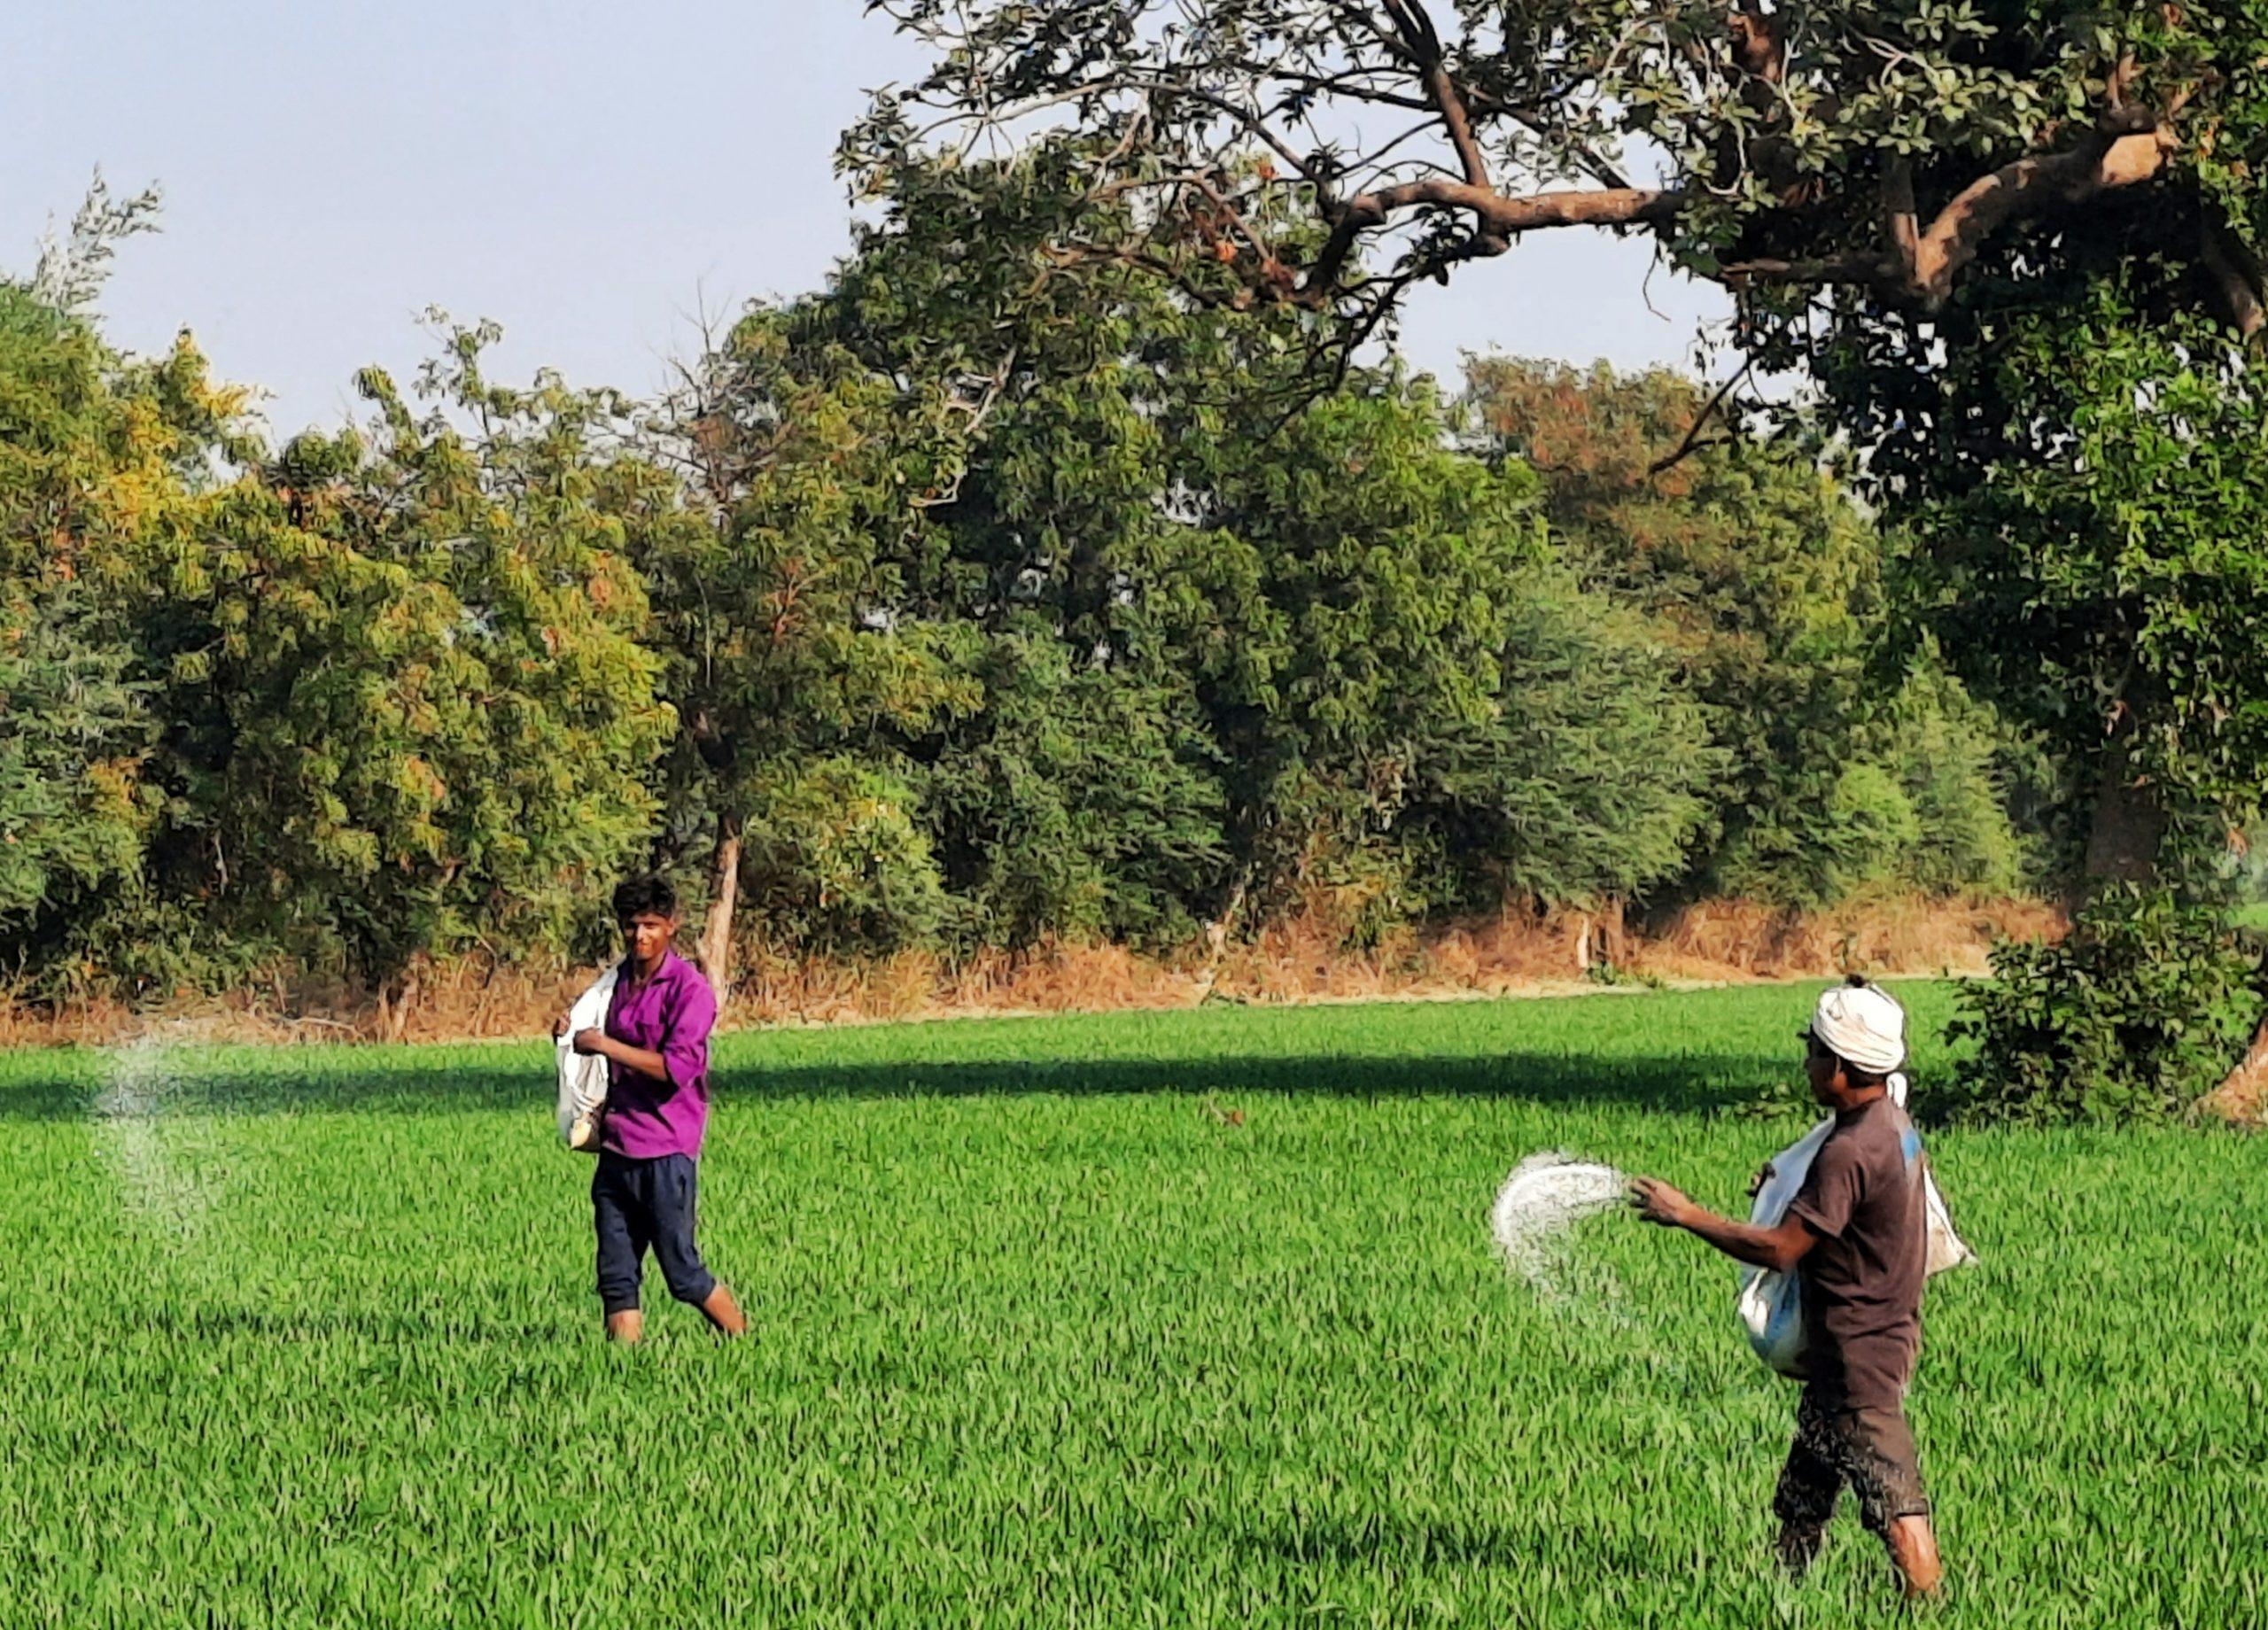 Farmers throwing fertilizers in fields